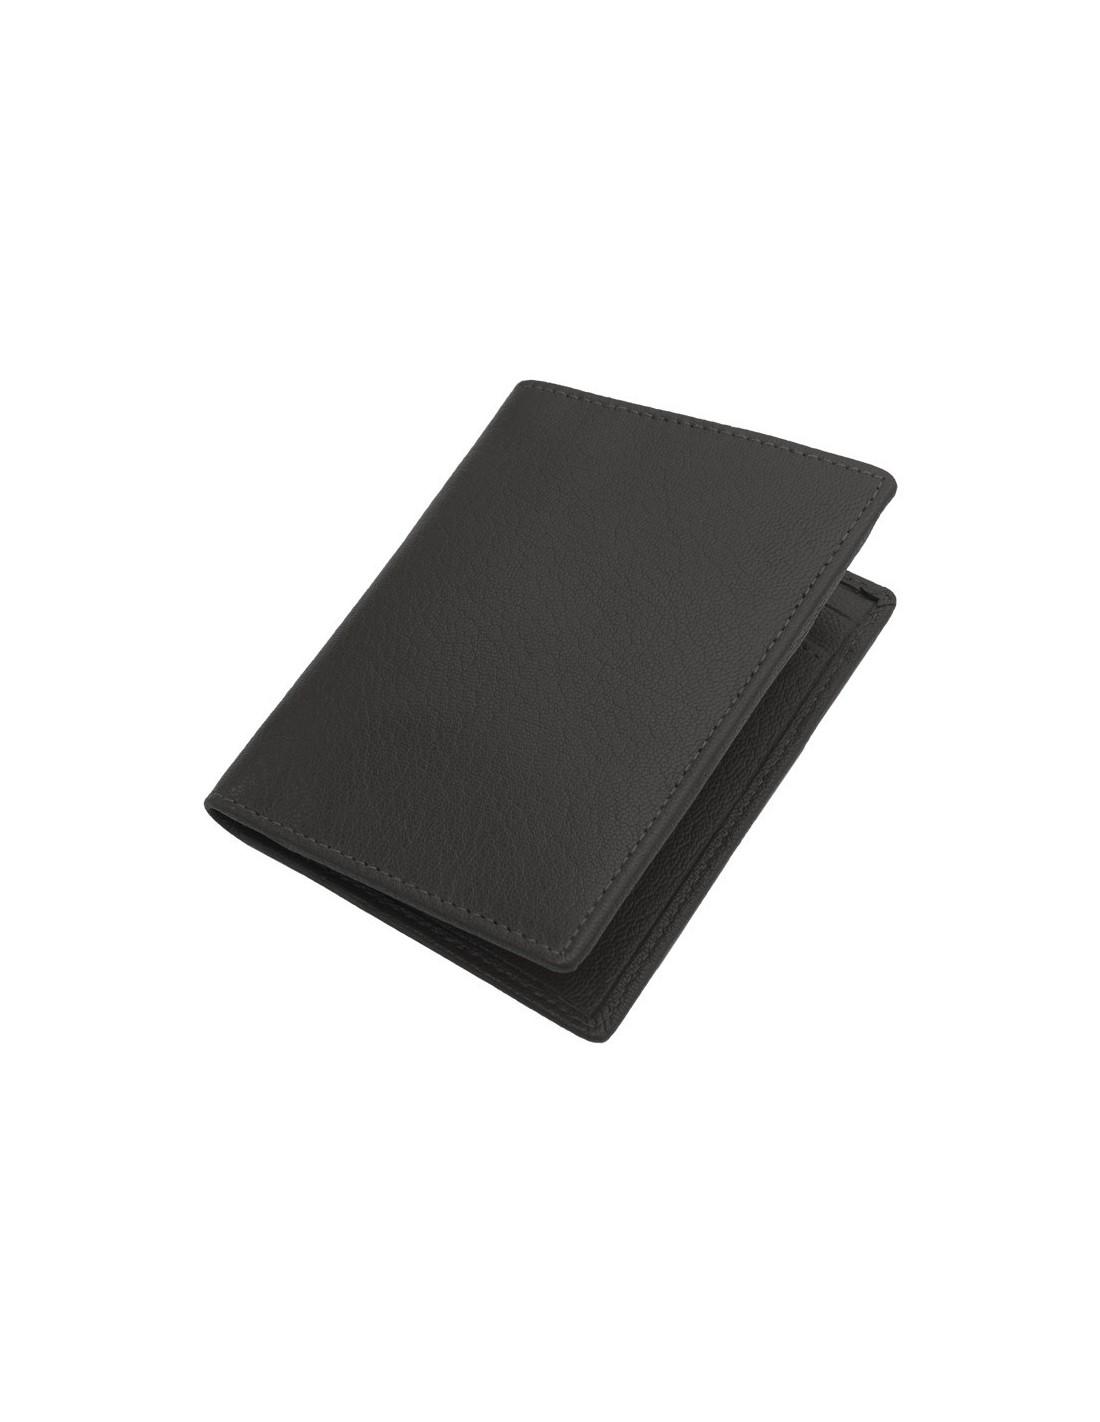 d06db31b14a11 Etui na dokumenty Zabezpieczenie RFID z własnym nadrukiem